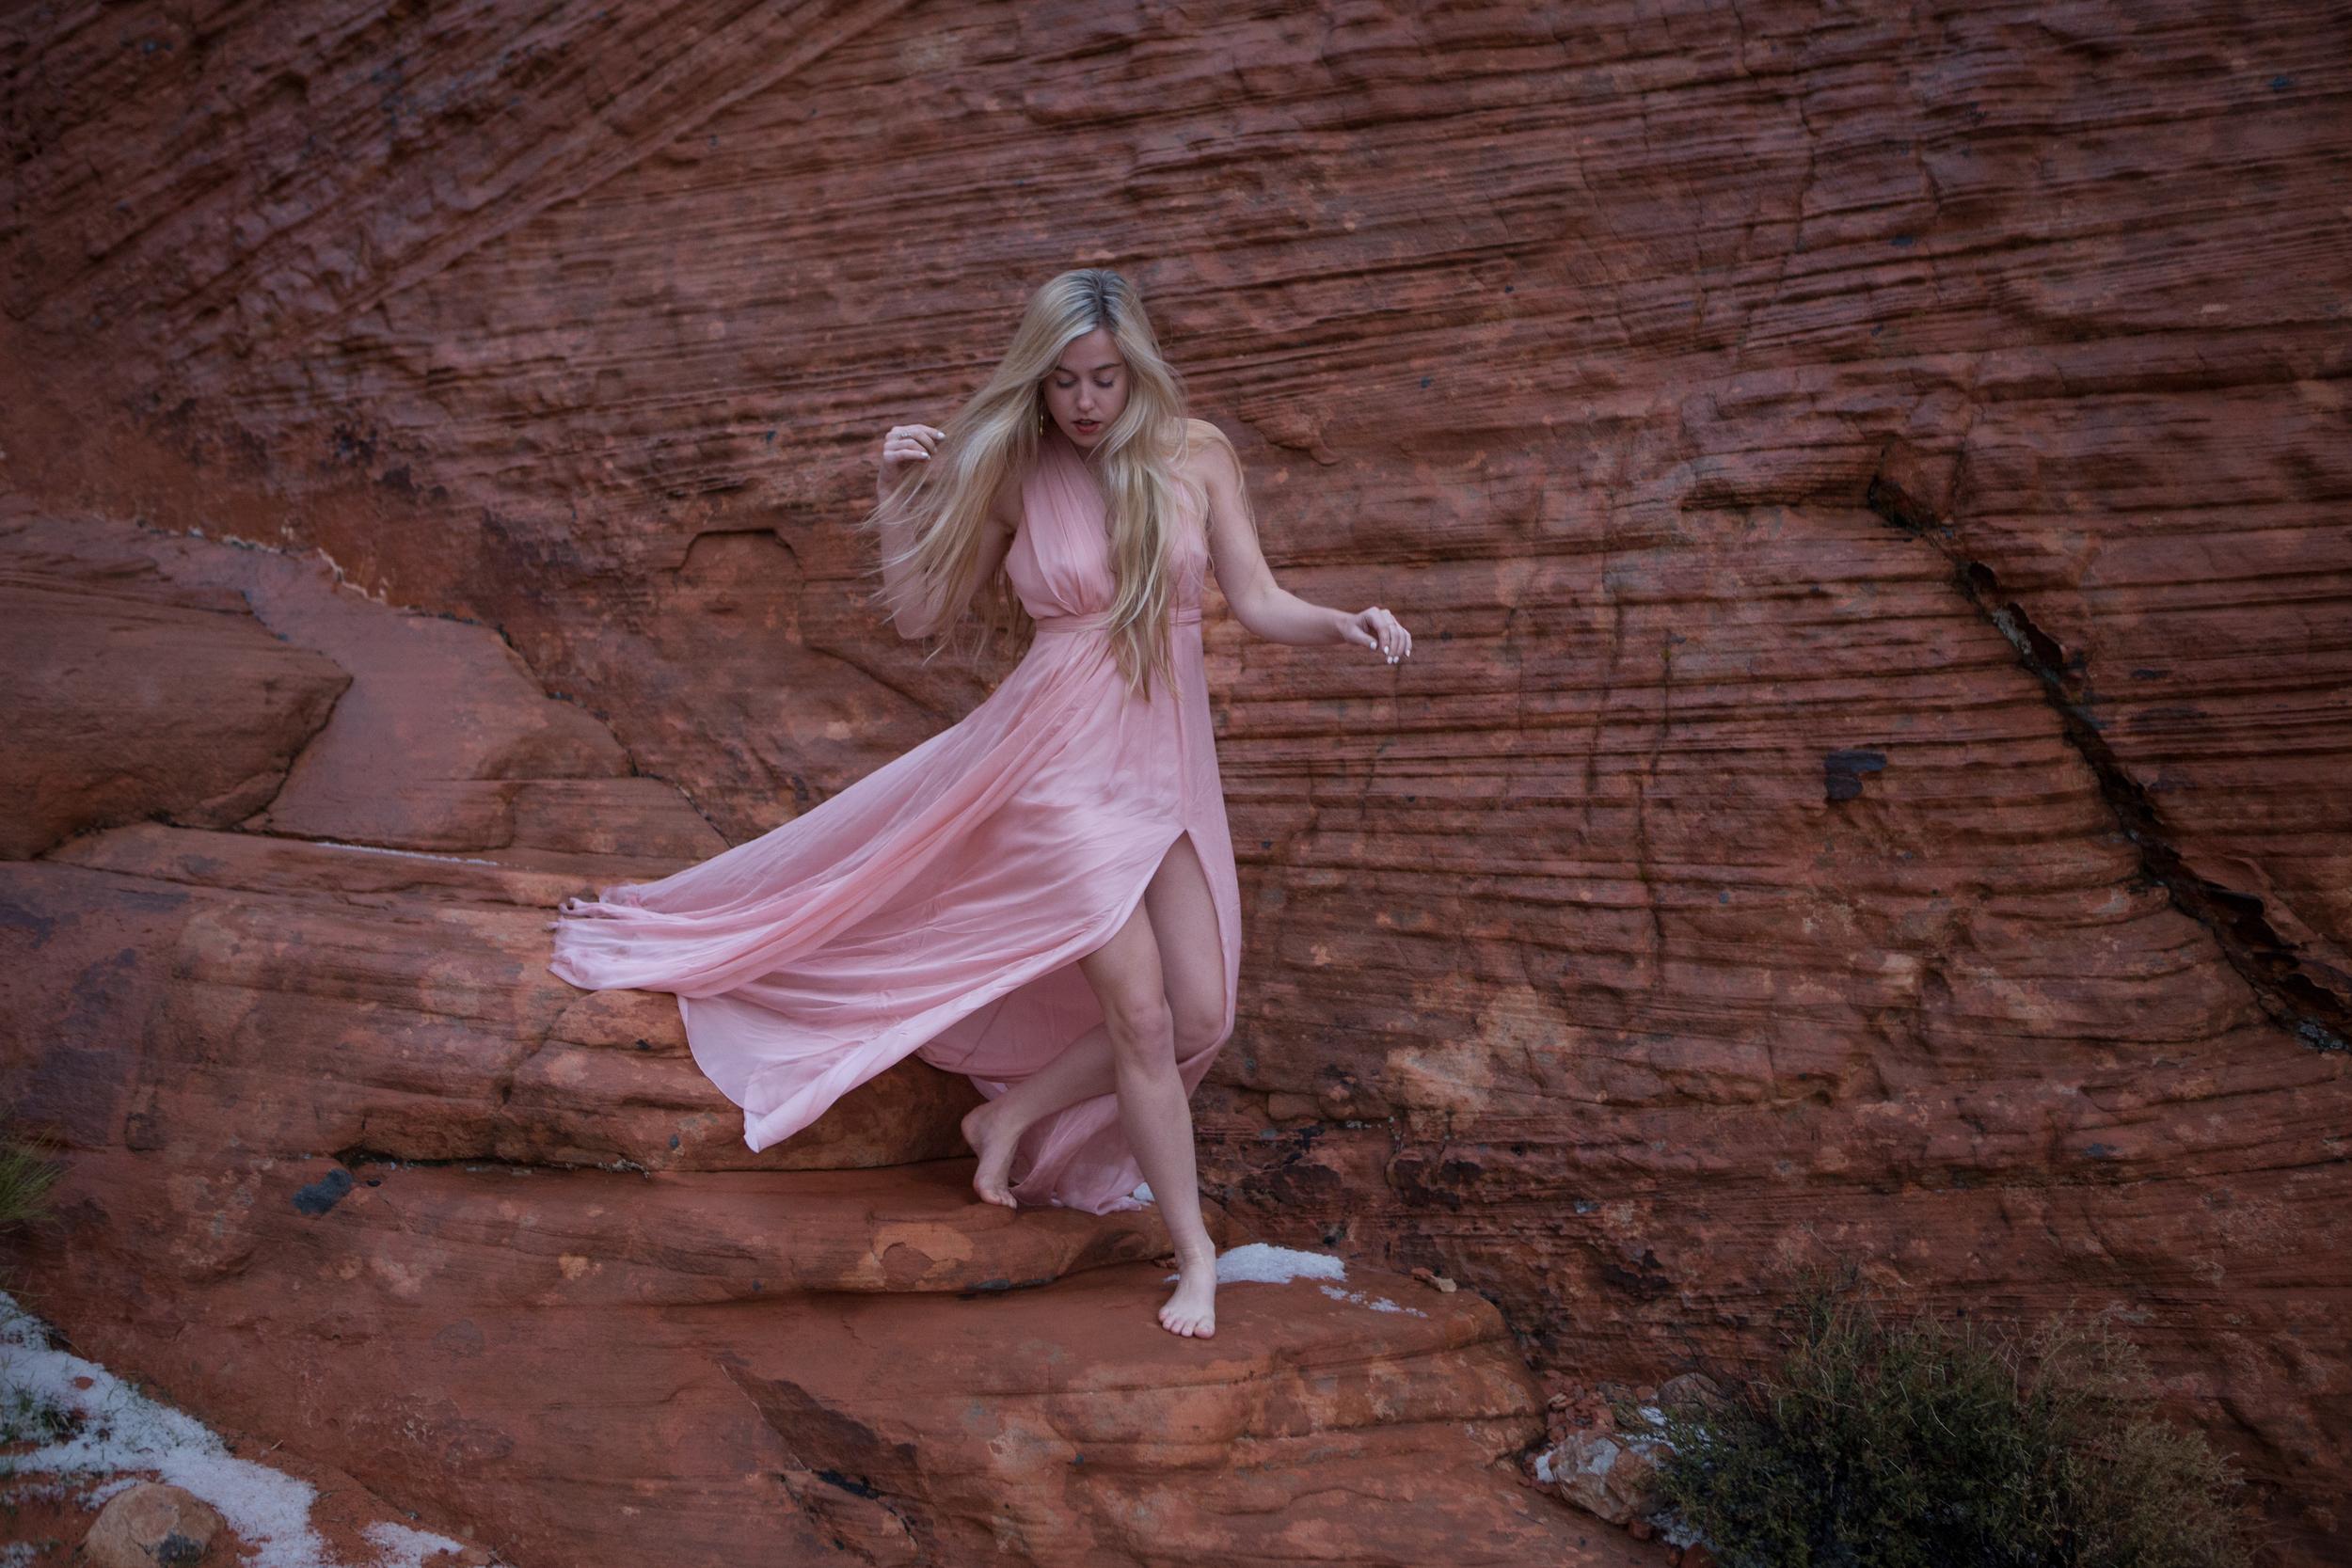 AstroBandit_JordanRose_ValleyOfFire_PinkSilk_RedRockFormations_Fashion_5.jpg